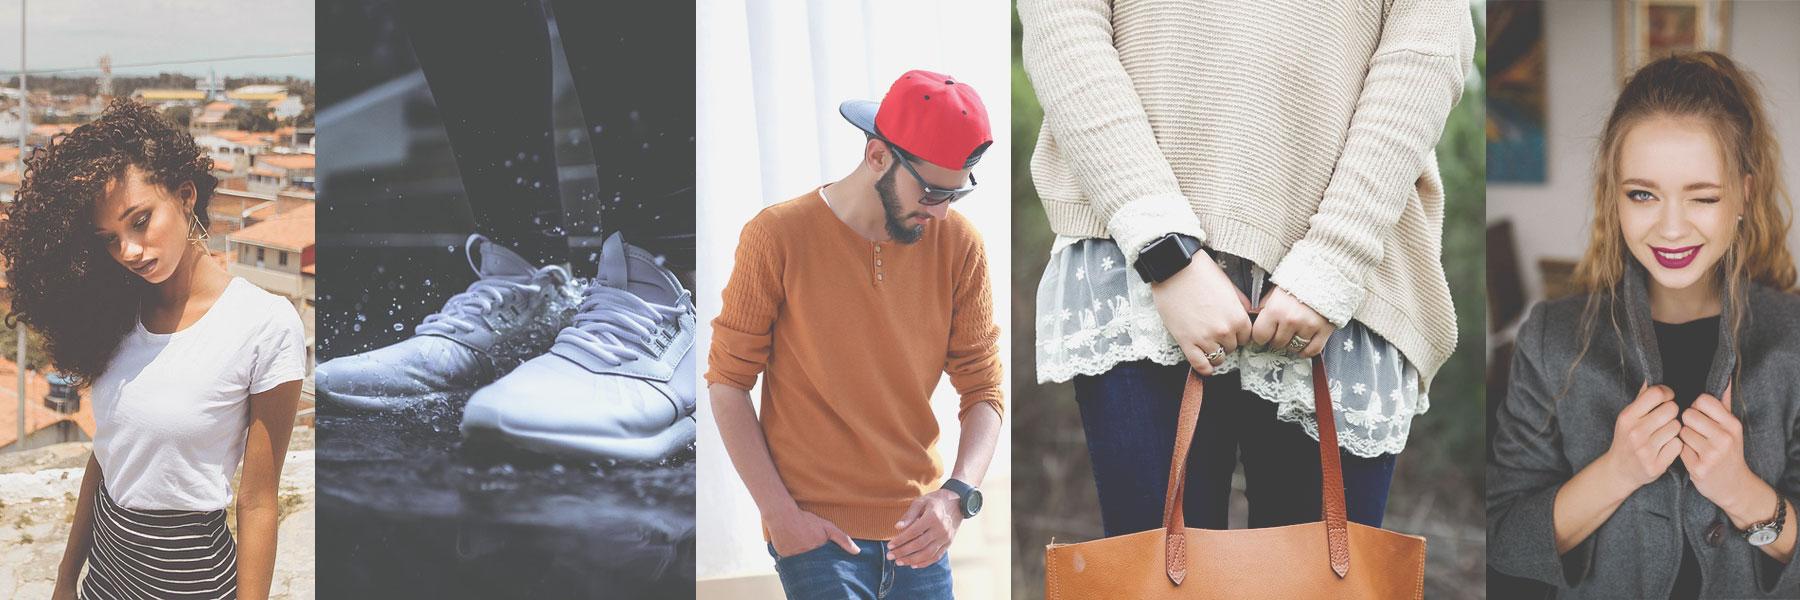 günstige kleider für junge leute günstig online kaufen